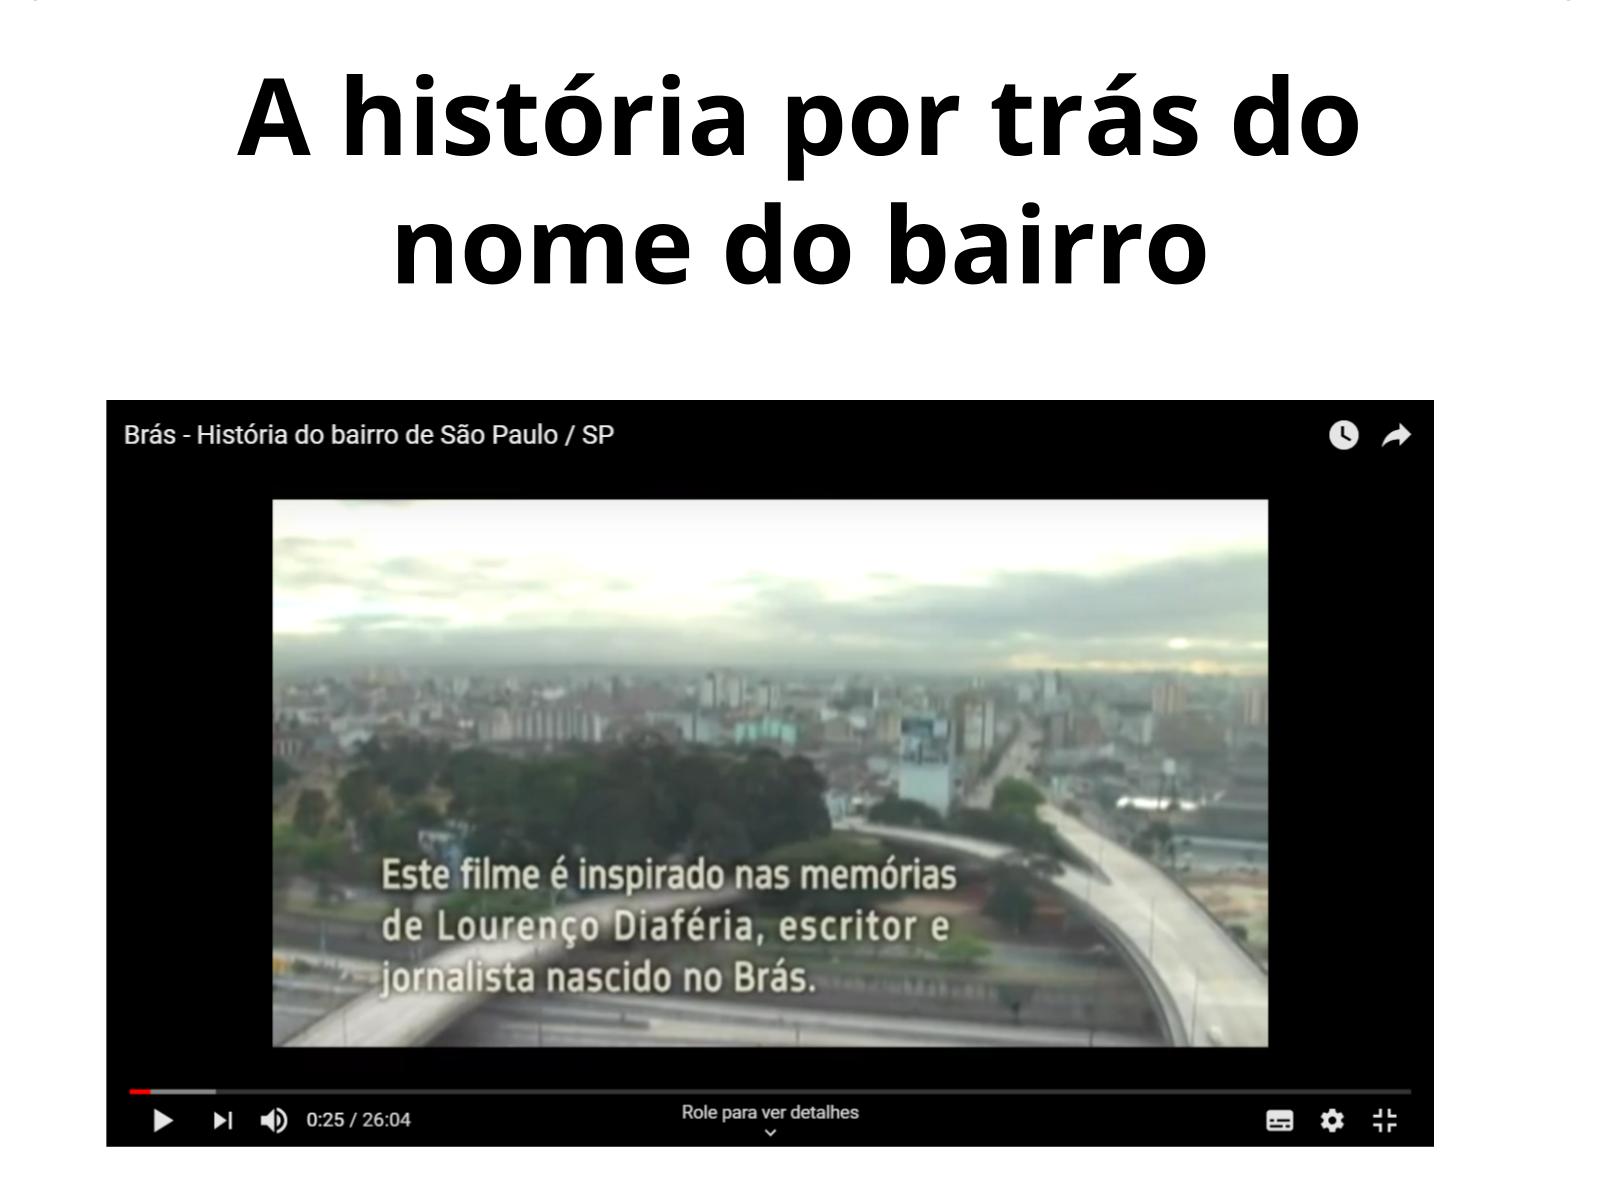 Os bairros têm história